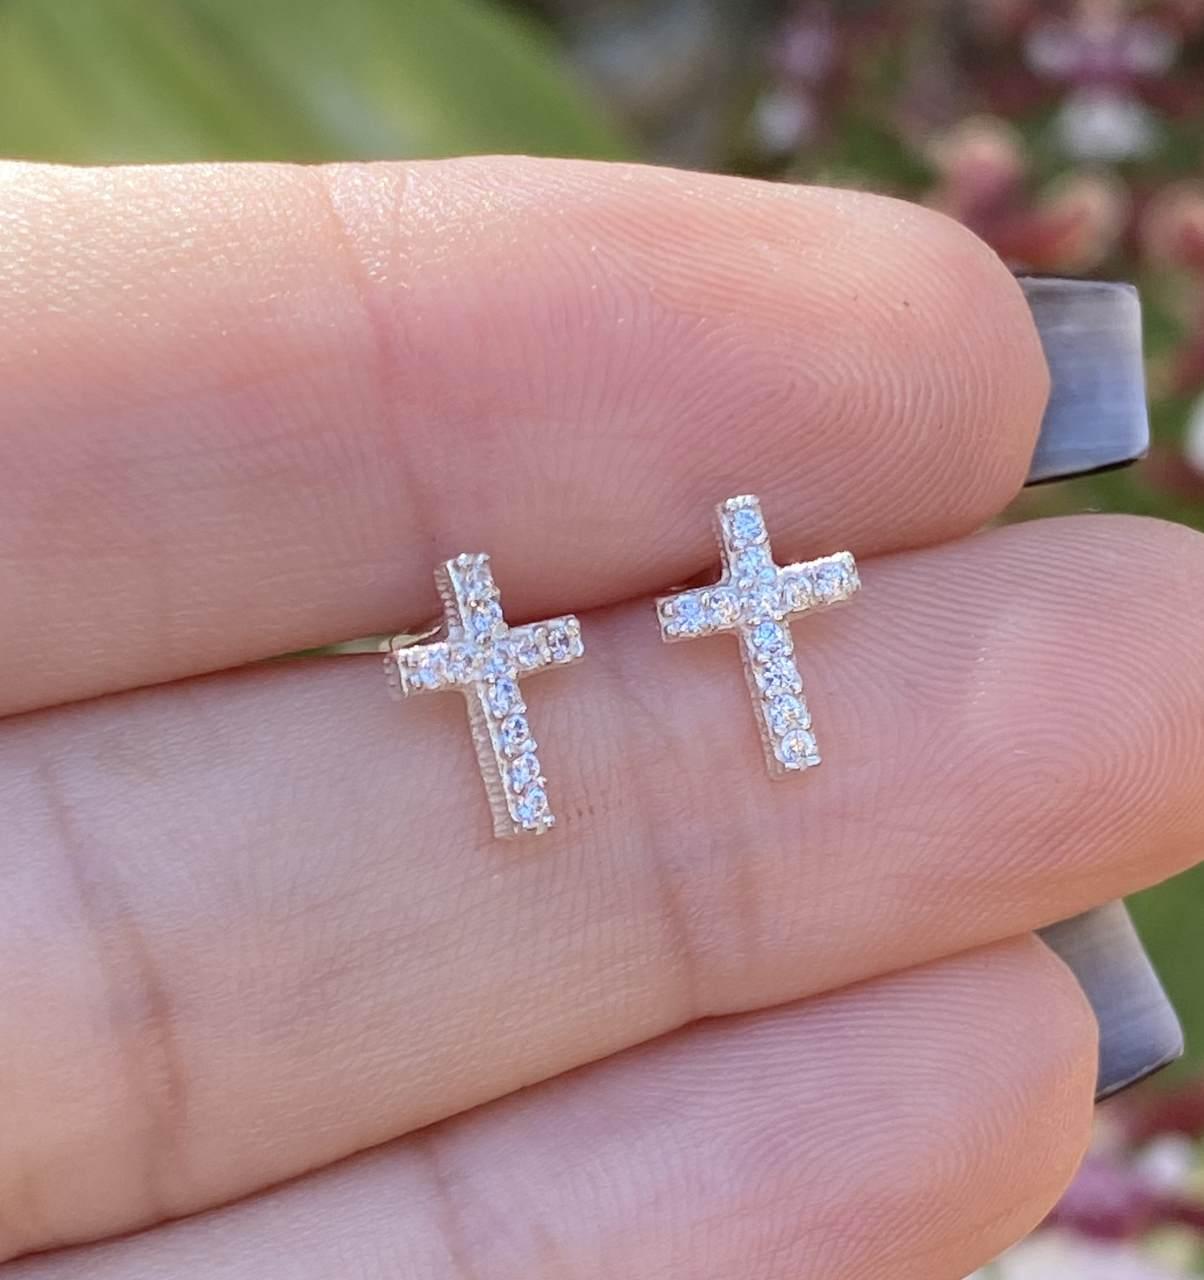 Brinco de Prata Cruz Cravejado Cristal Segundo Furo 1cm